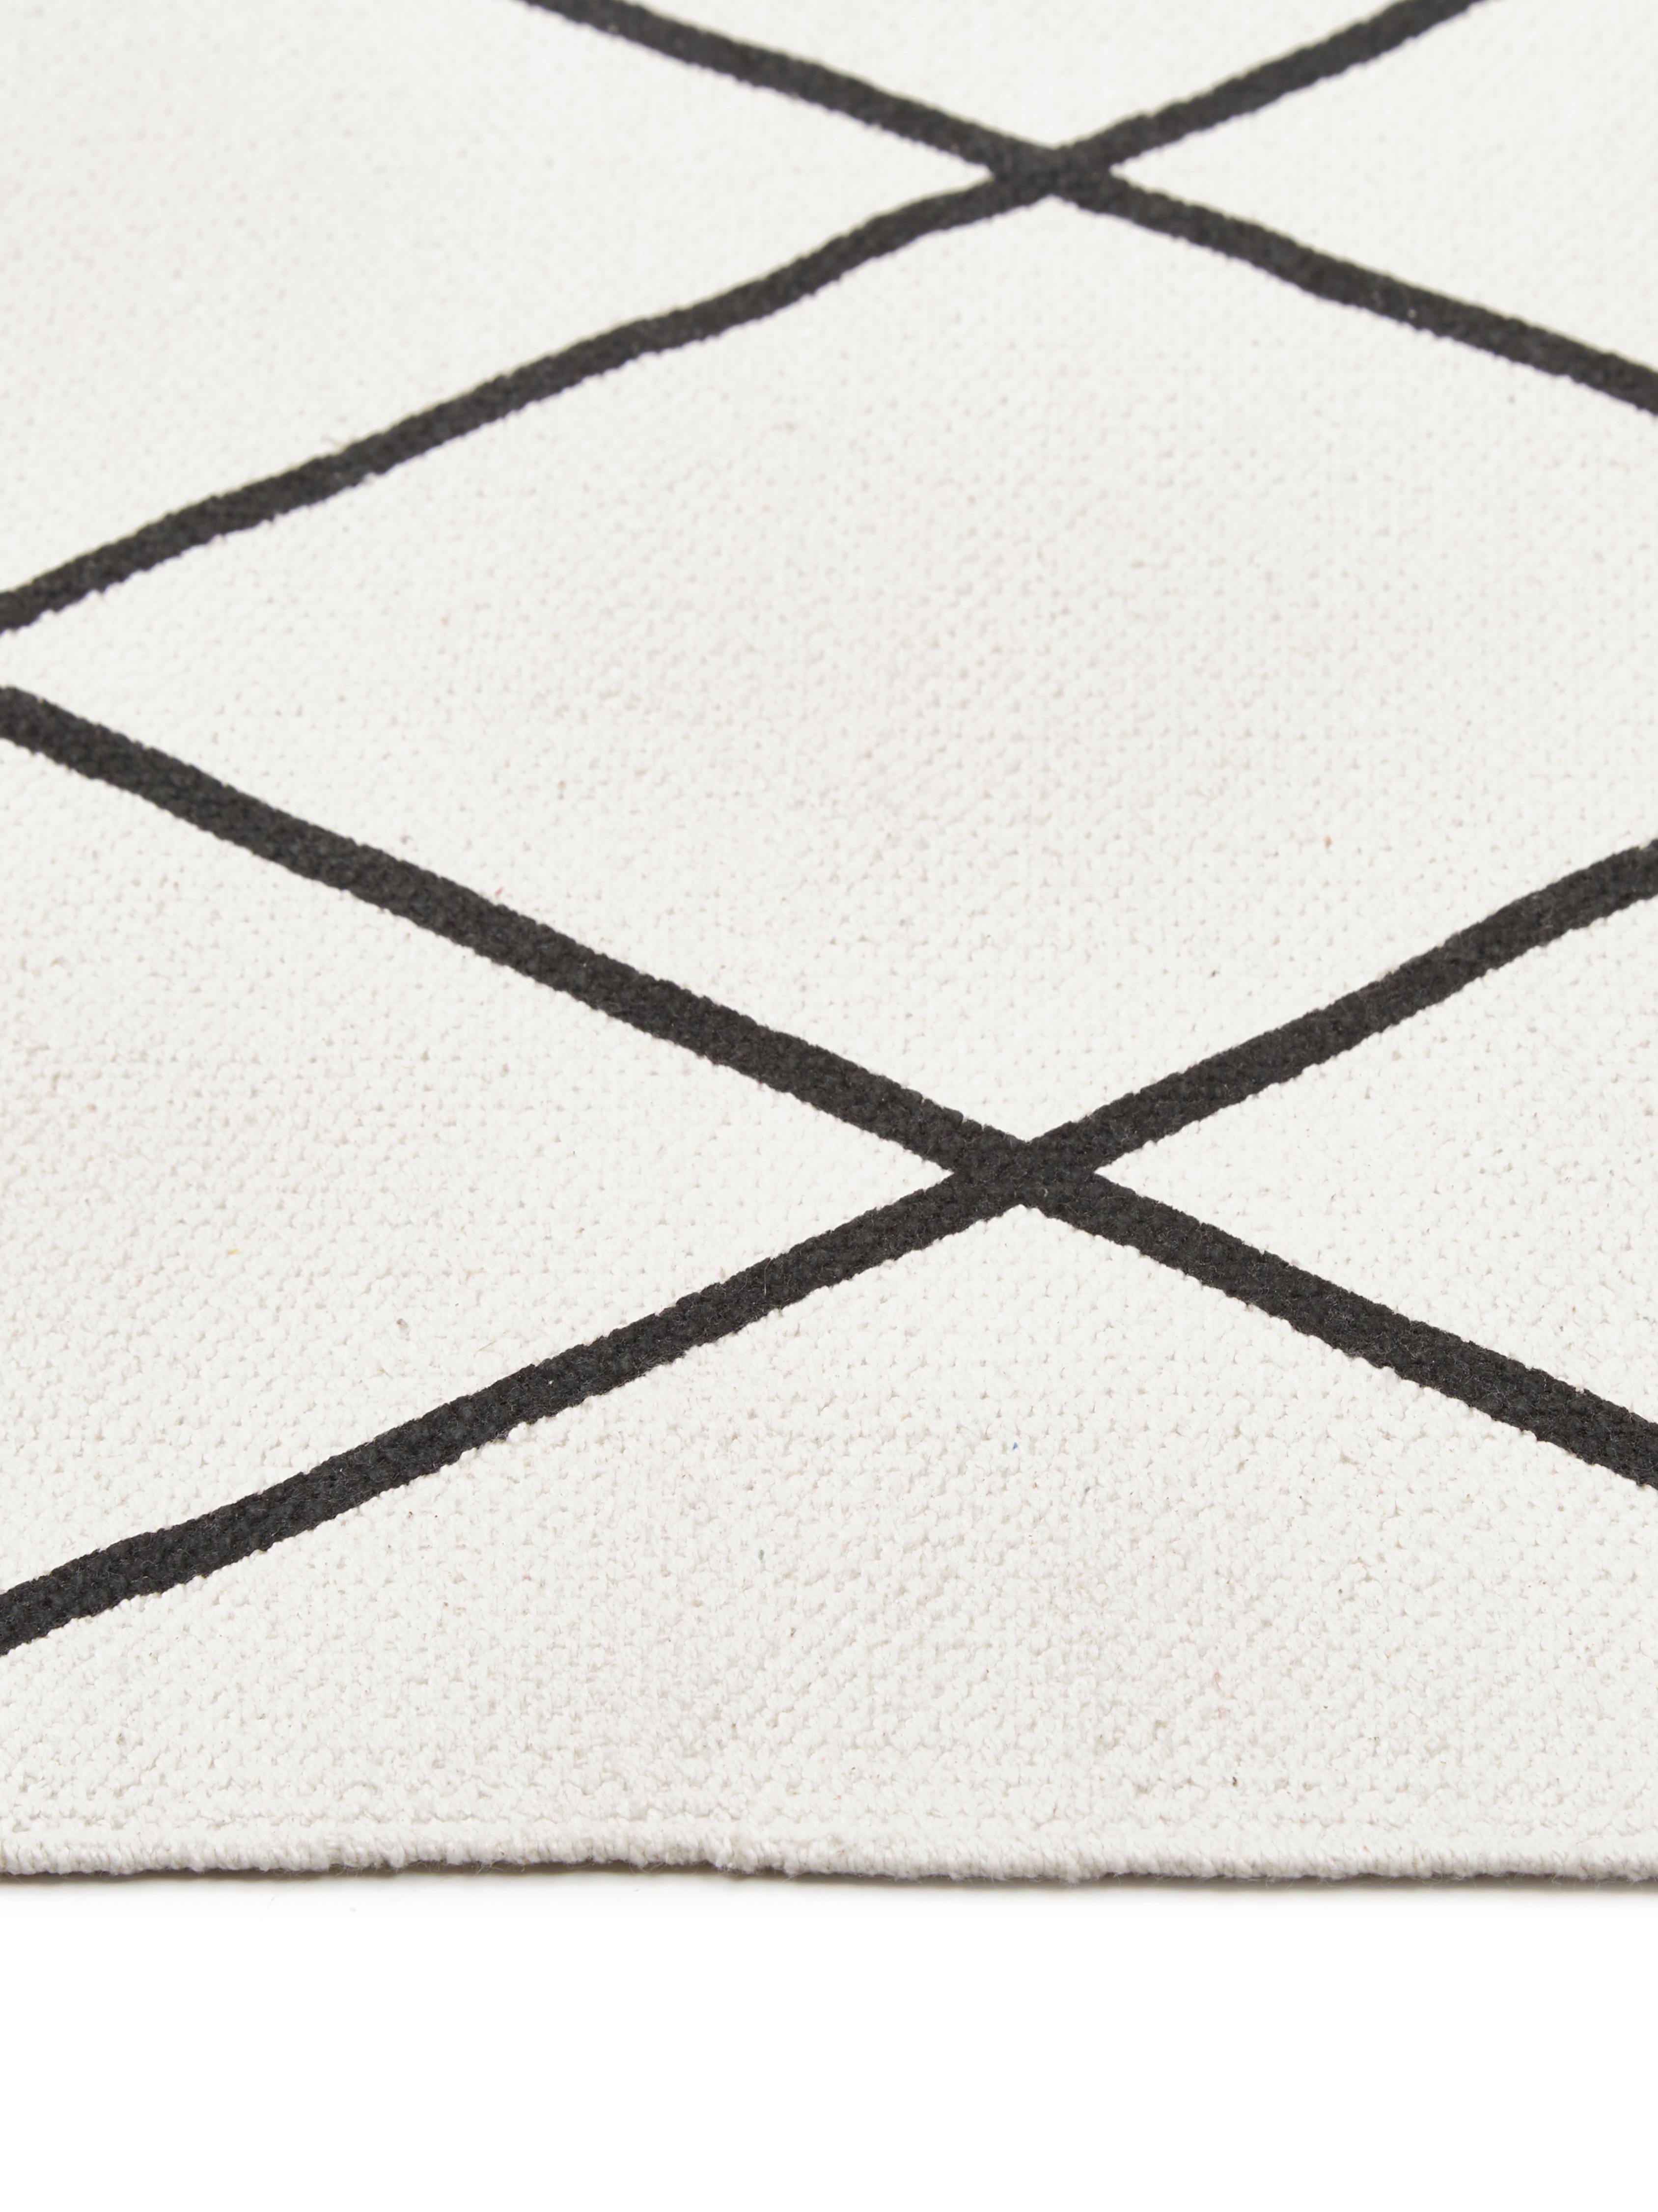 Dywan z bawełny Farah, 100% bawełna, Kremowobiały, czarny, S 70 x D 140 cm (Rozmiar XS)